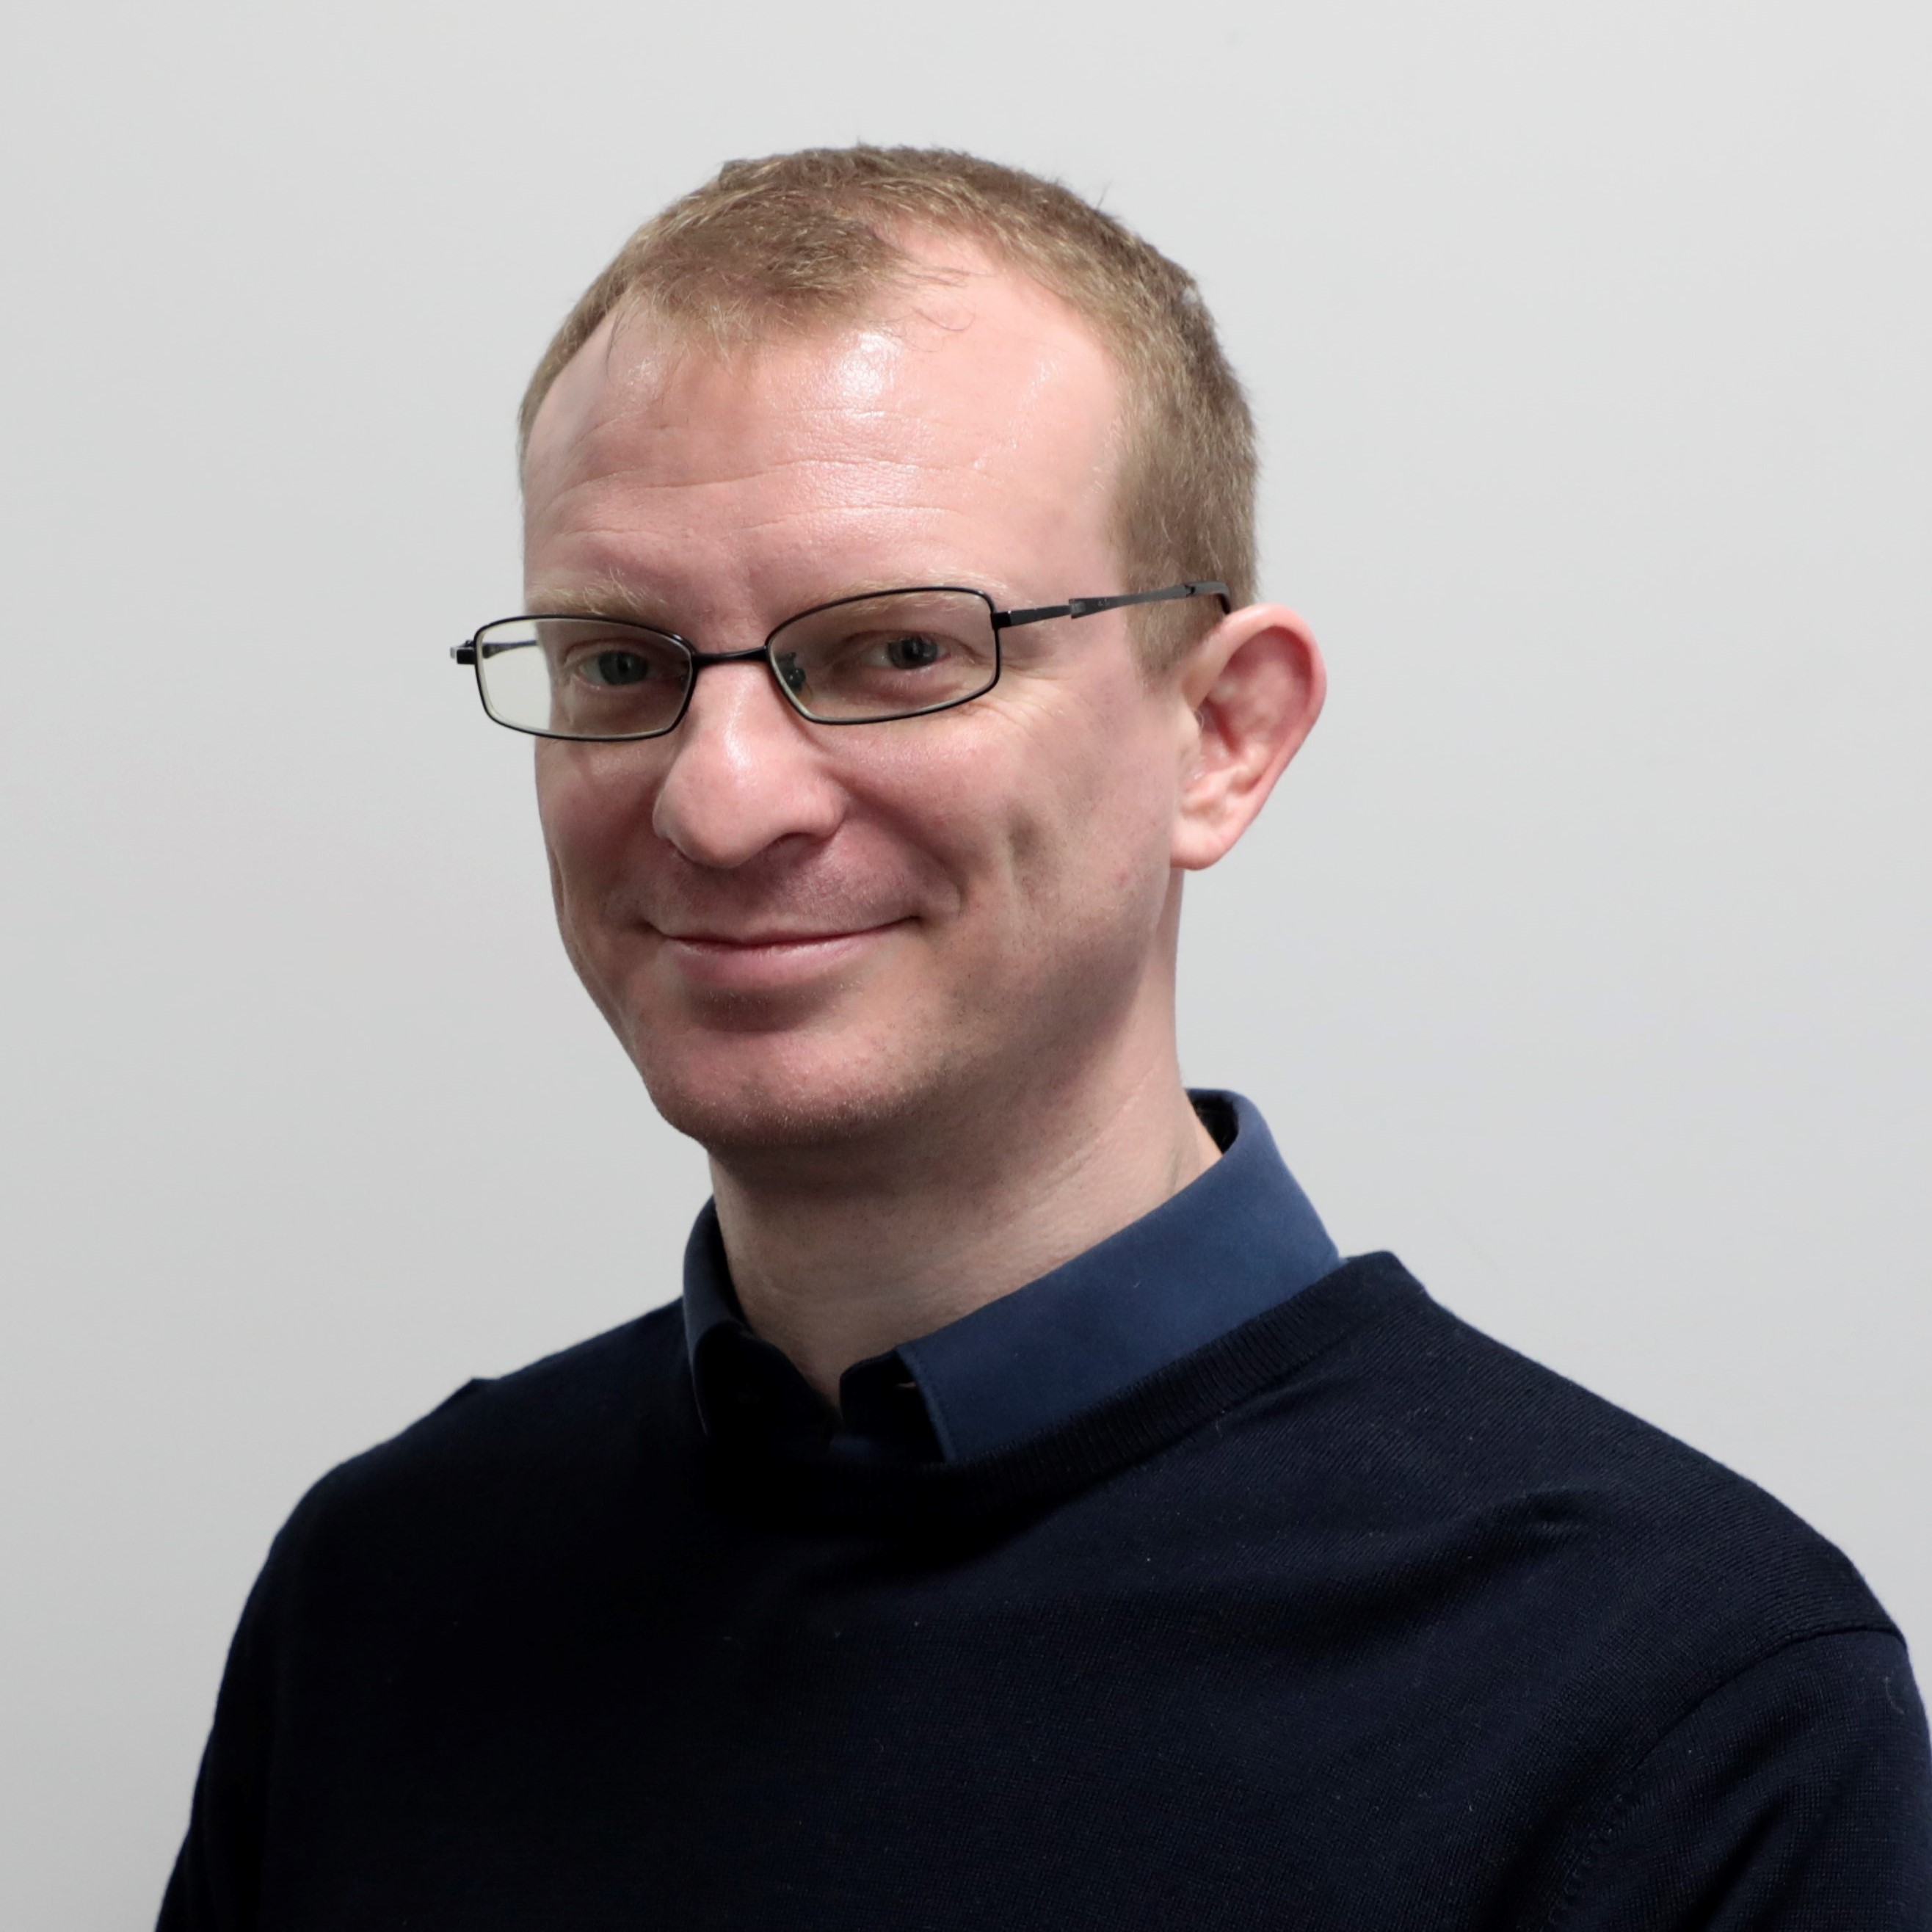 Erik Cristopher SCHICKETANZ